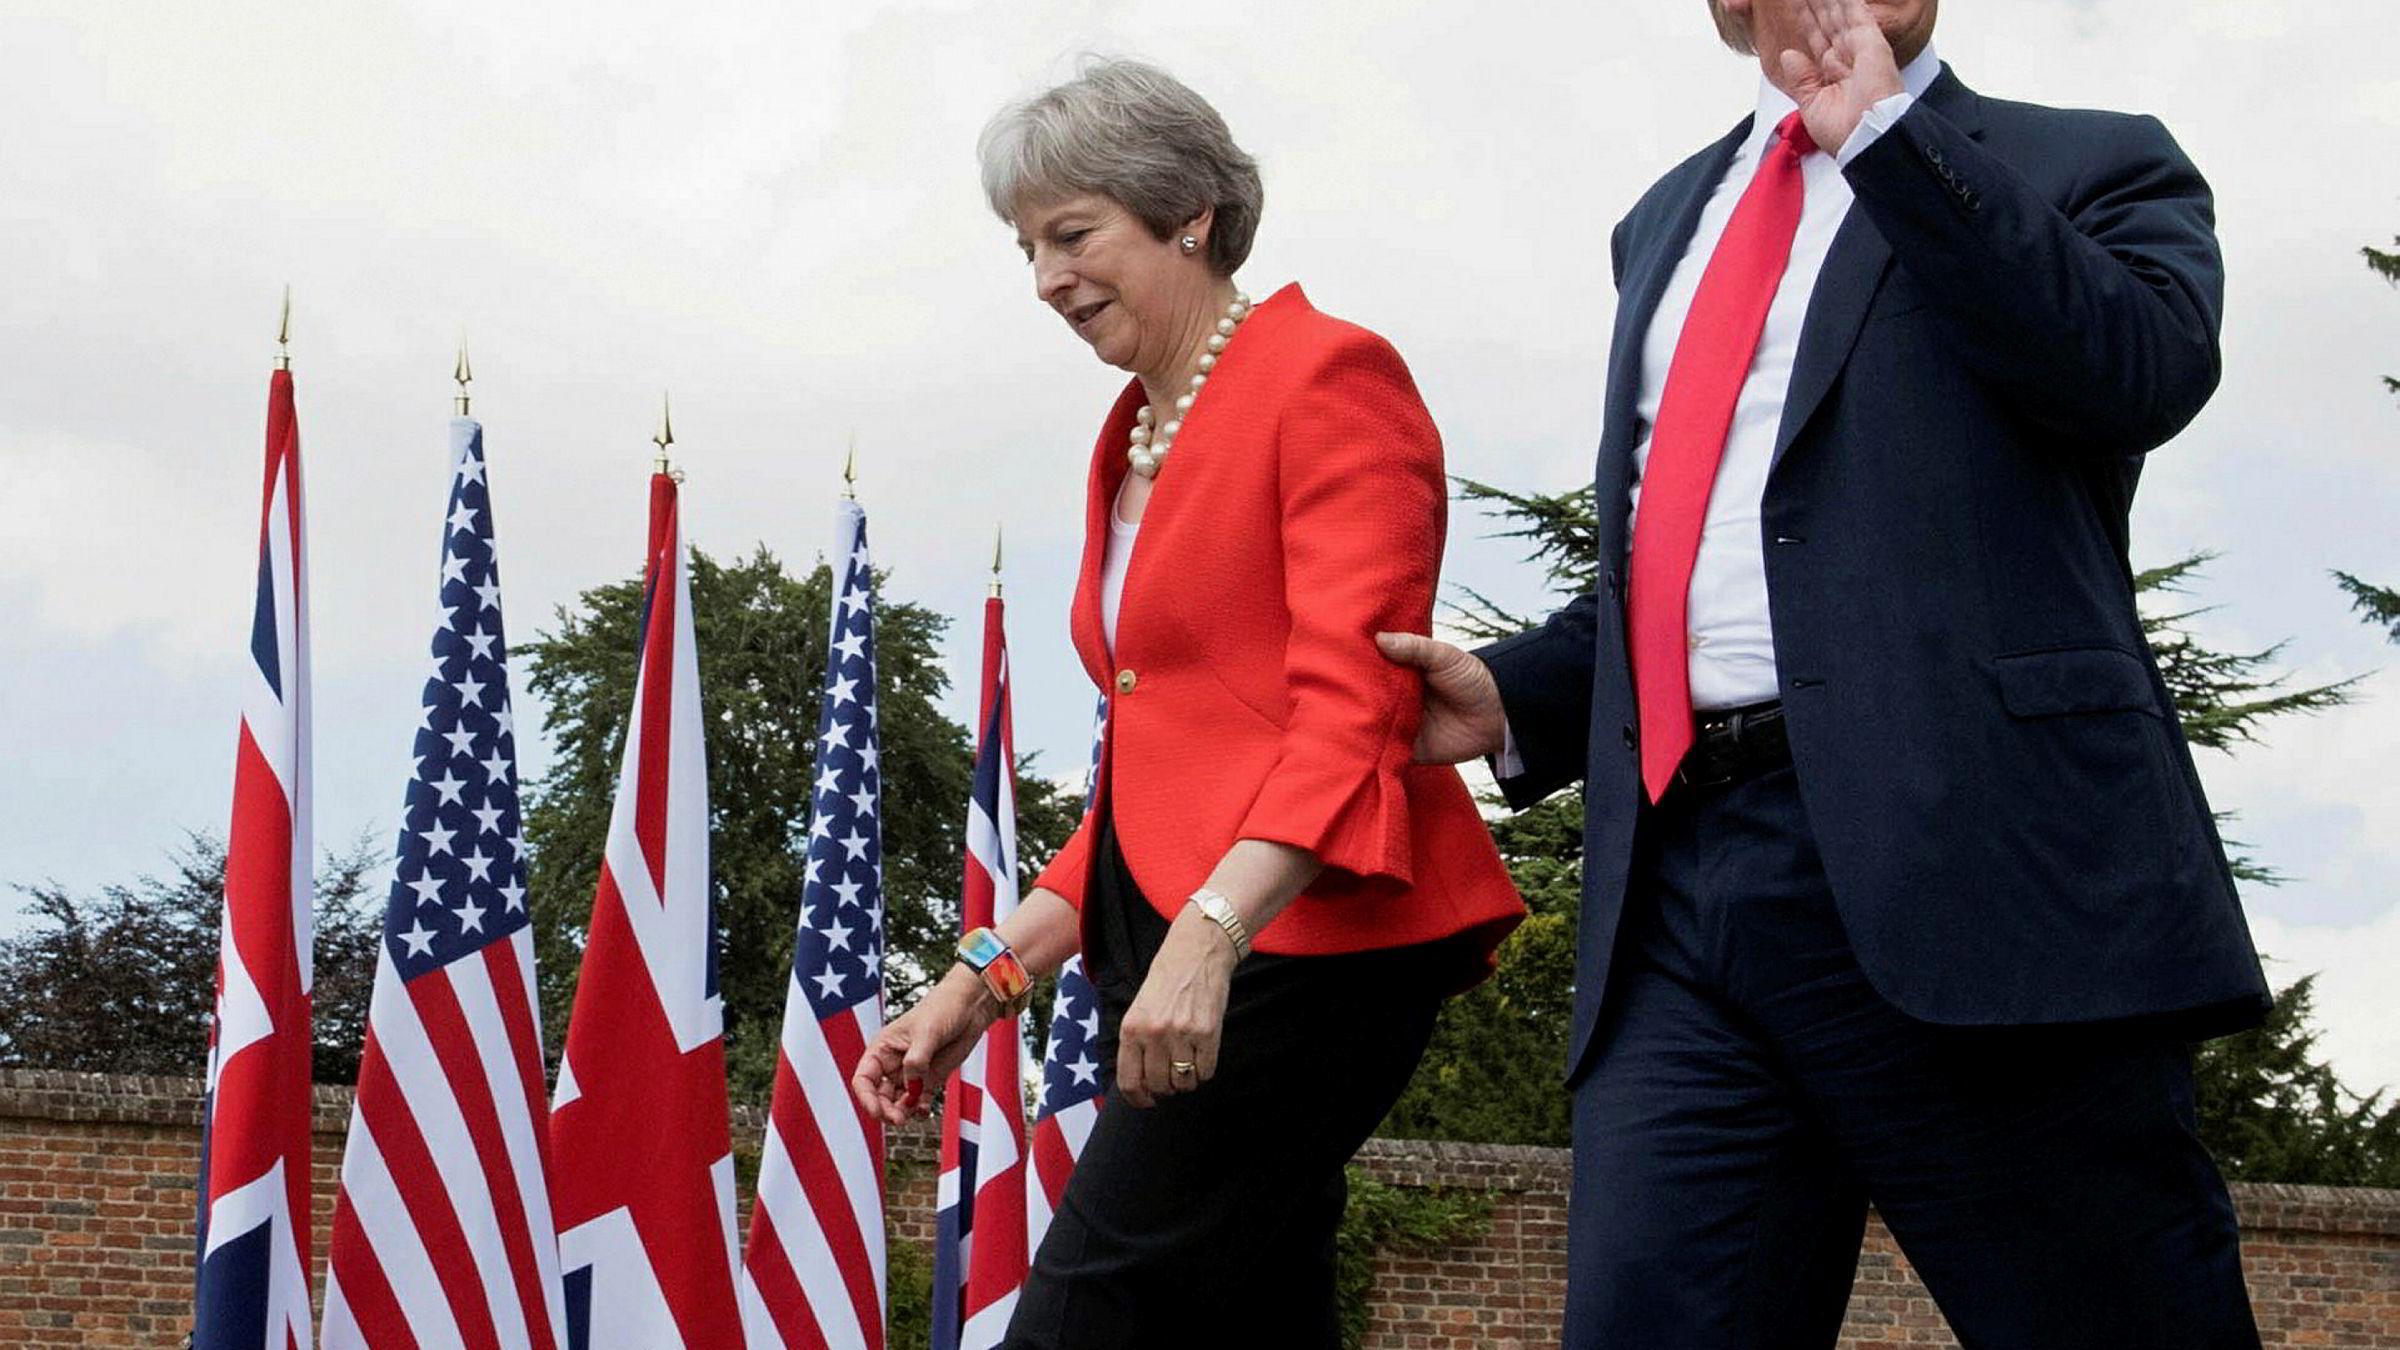 Den amerikanske presidenten Donald Trump og den britiske statsministeren Theresa May ankommer en felles pressekonferanse i forbindelse med statsbesøket, fredag 13. juli.